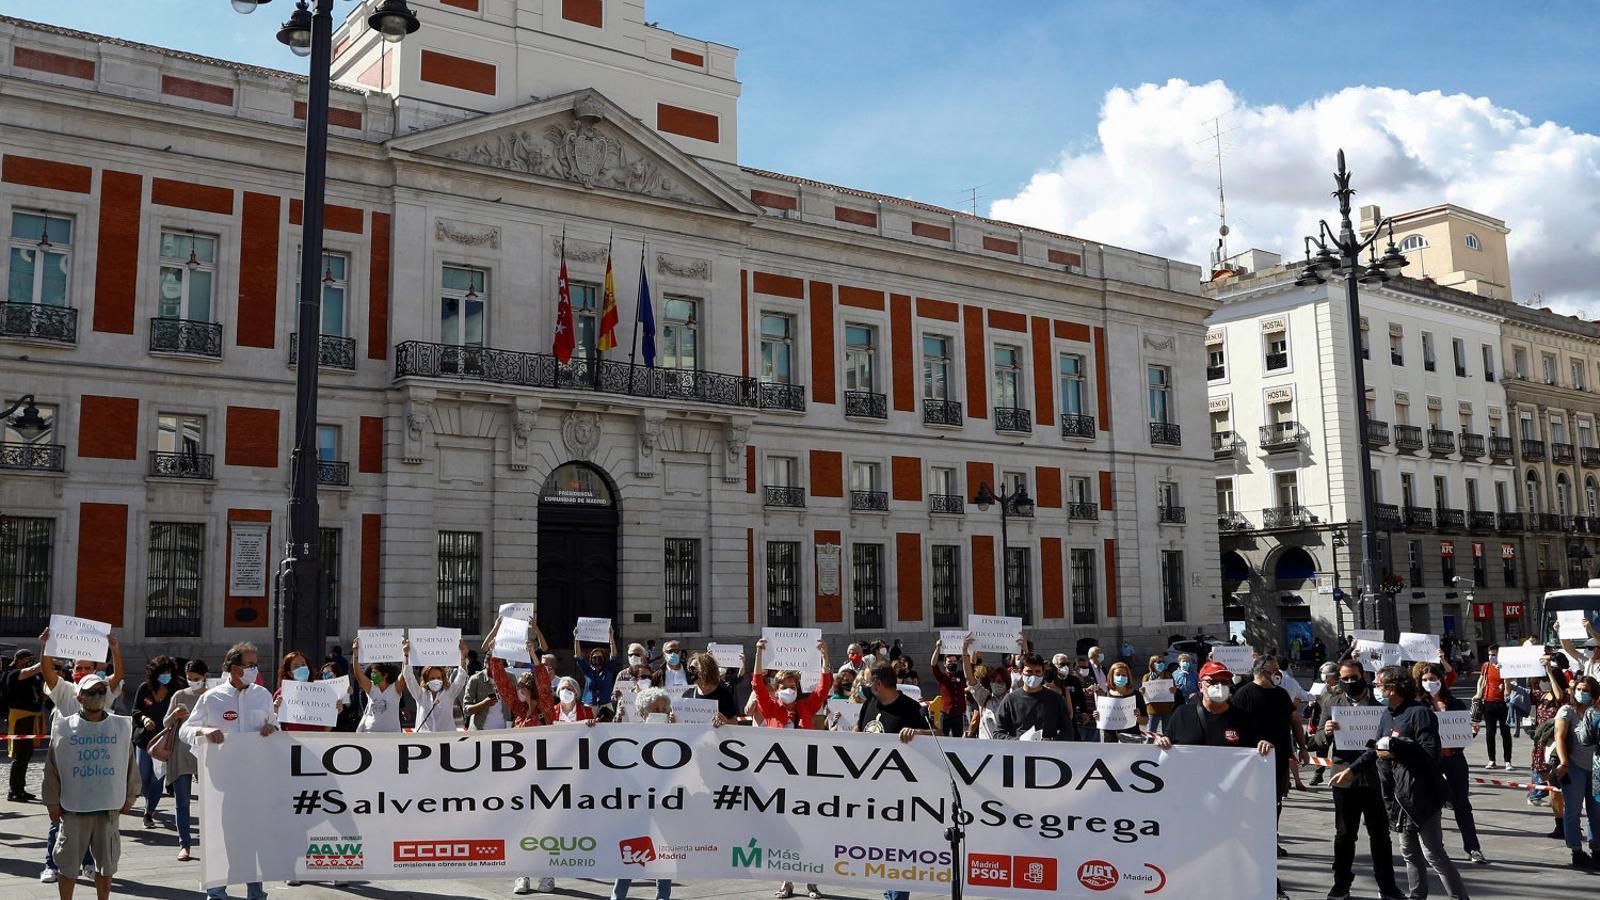 Concentració ahir a la Puerta del Sol, davant la seu del govern regional.